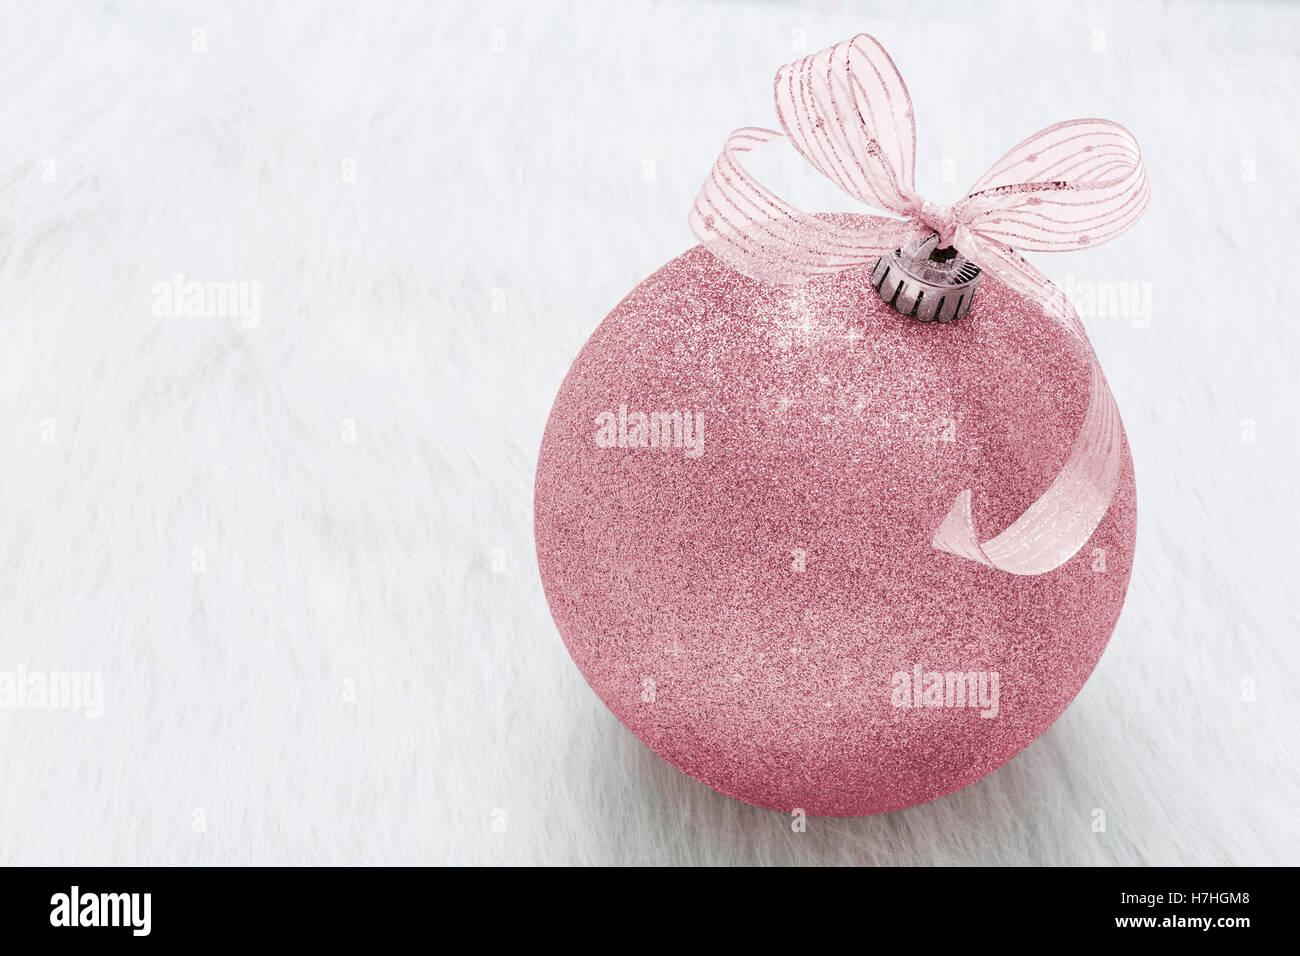 Eine schöne, ausgefallene, perfekt, funkelnd, glänzend, rosa Glitzer Christbaumschmuck auf horizontalen Stockbild